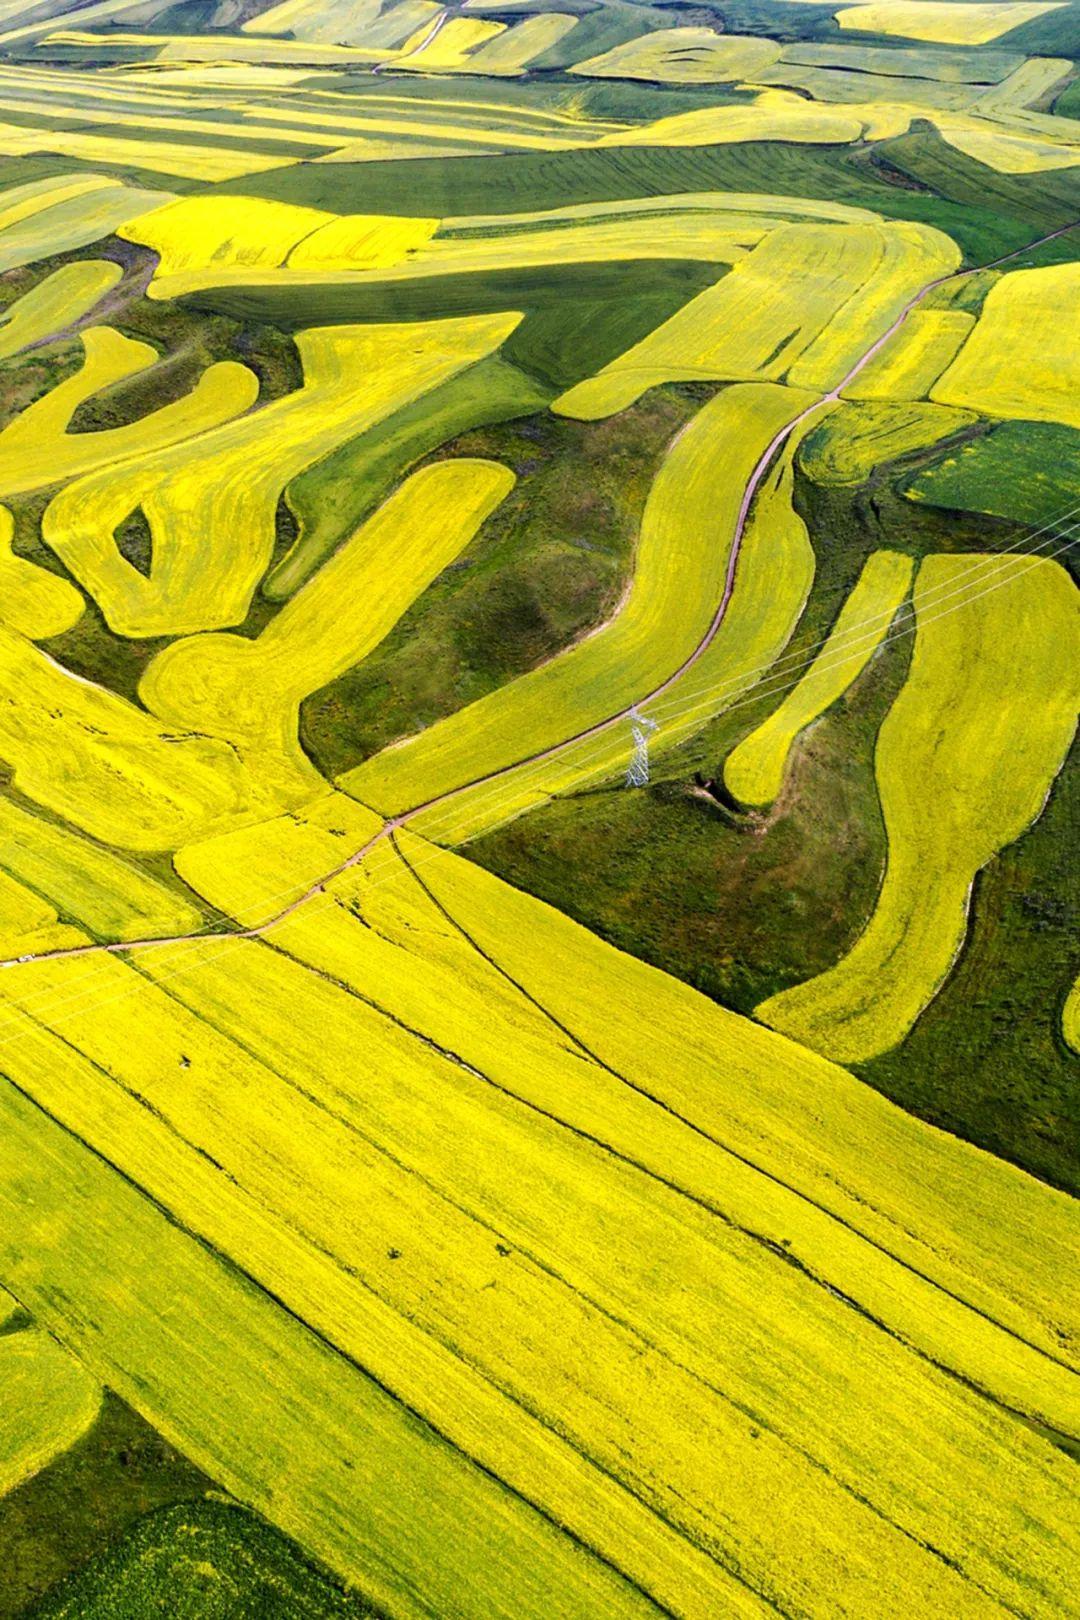 ▲ 伊犁的油菜花海,是人类织就的金色地毯。摄影/赖宇宁